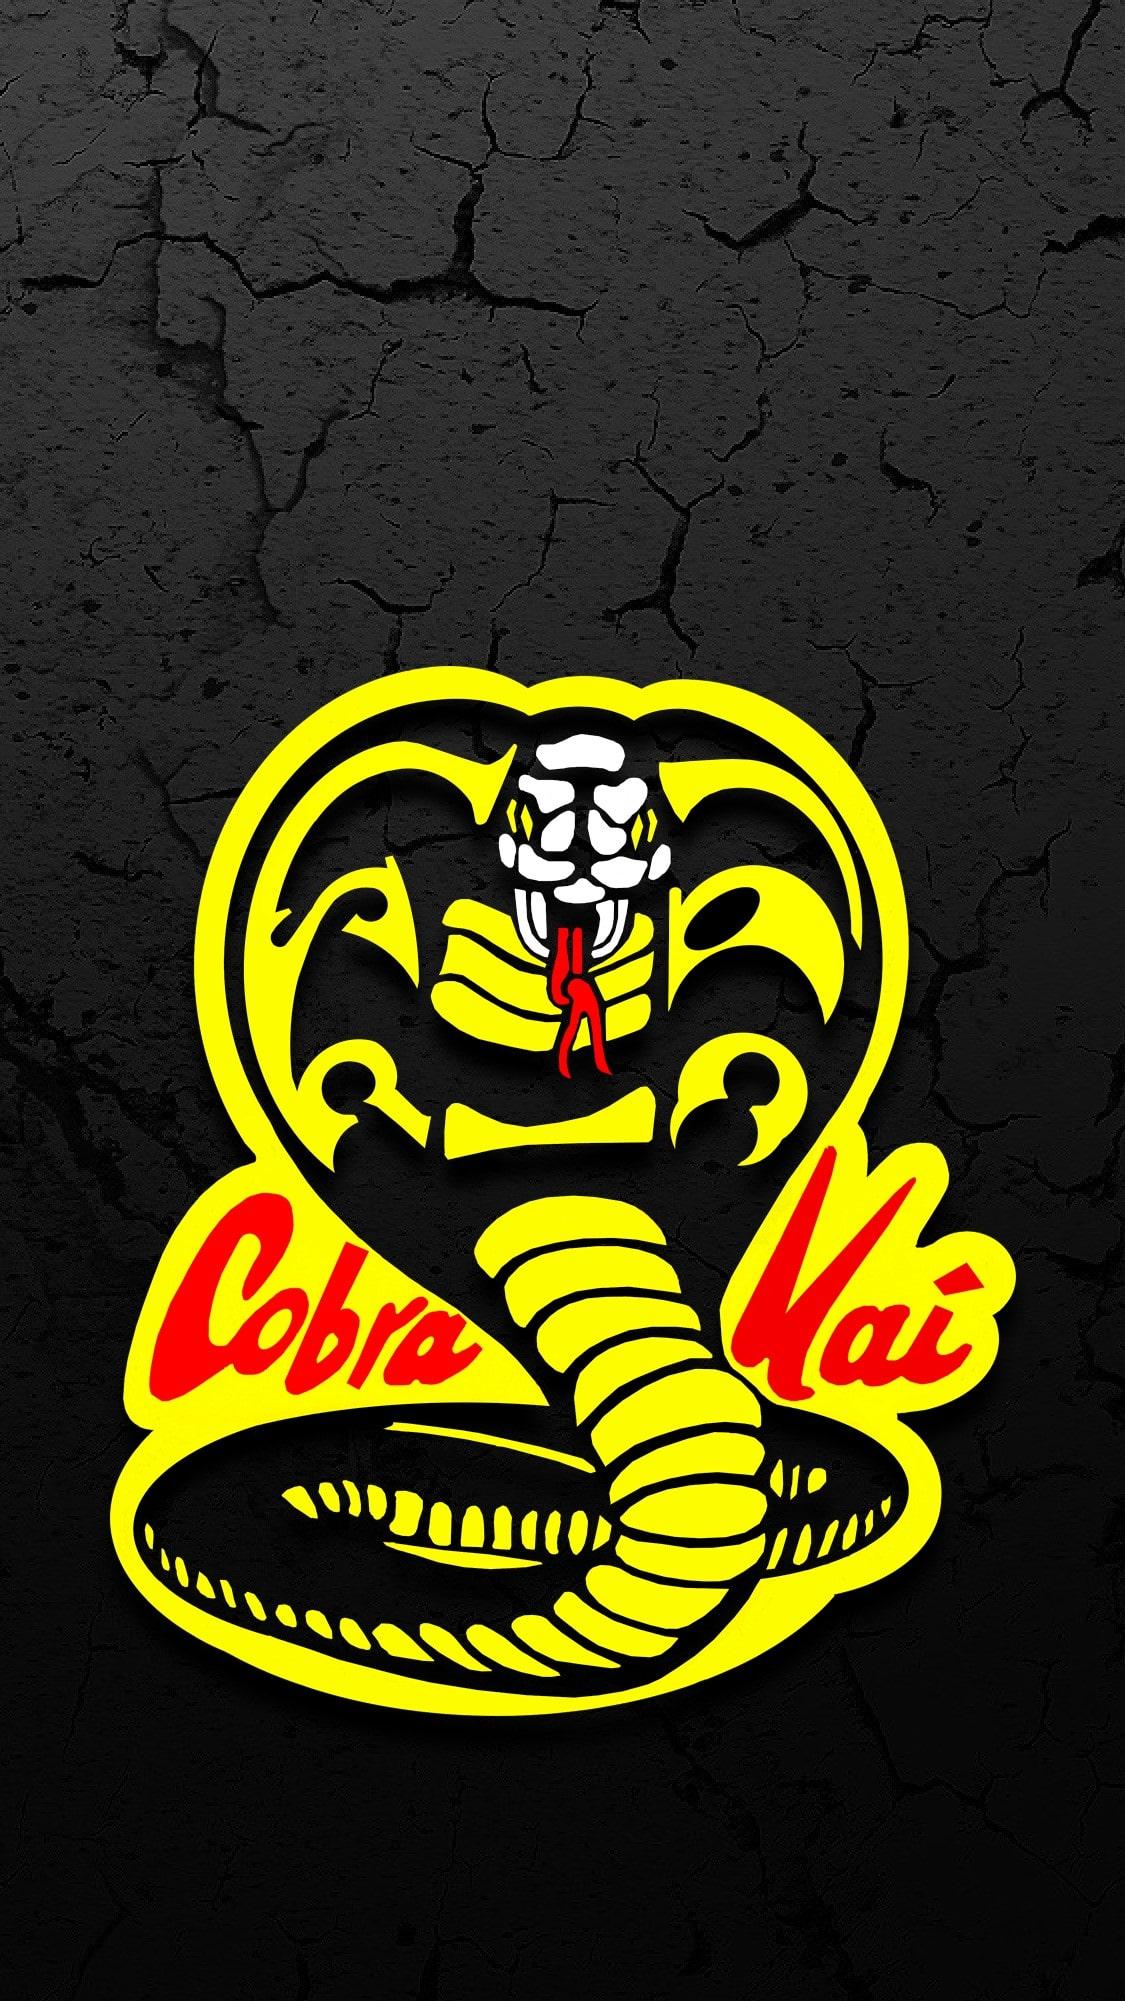 Cobra Kai Wallpaper   KoLPaPer   Awesome HD Wallpapers 1125x2001